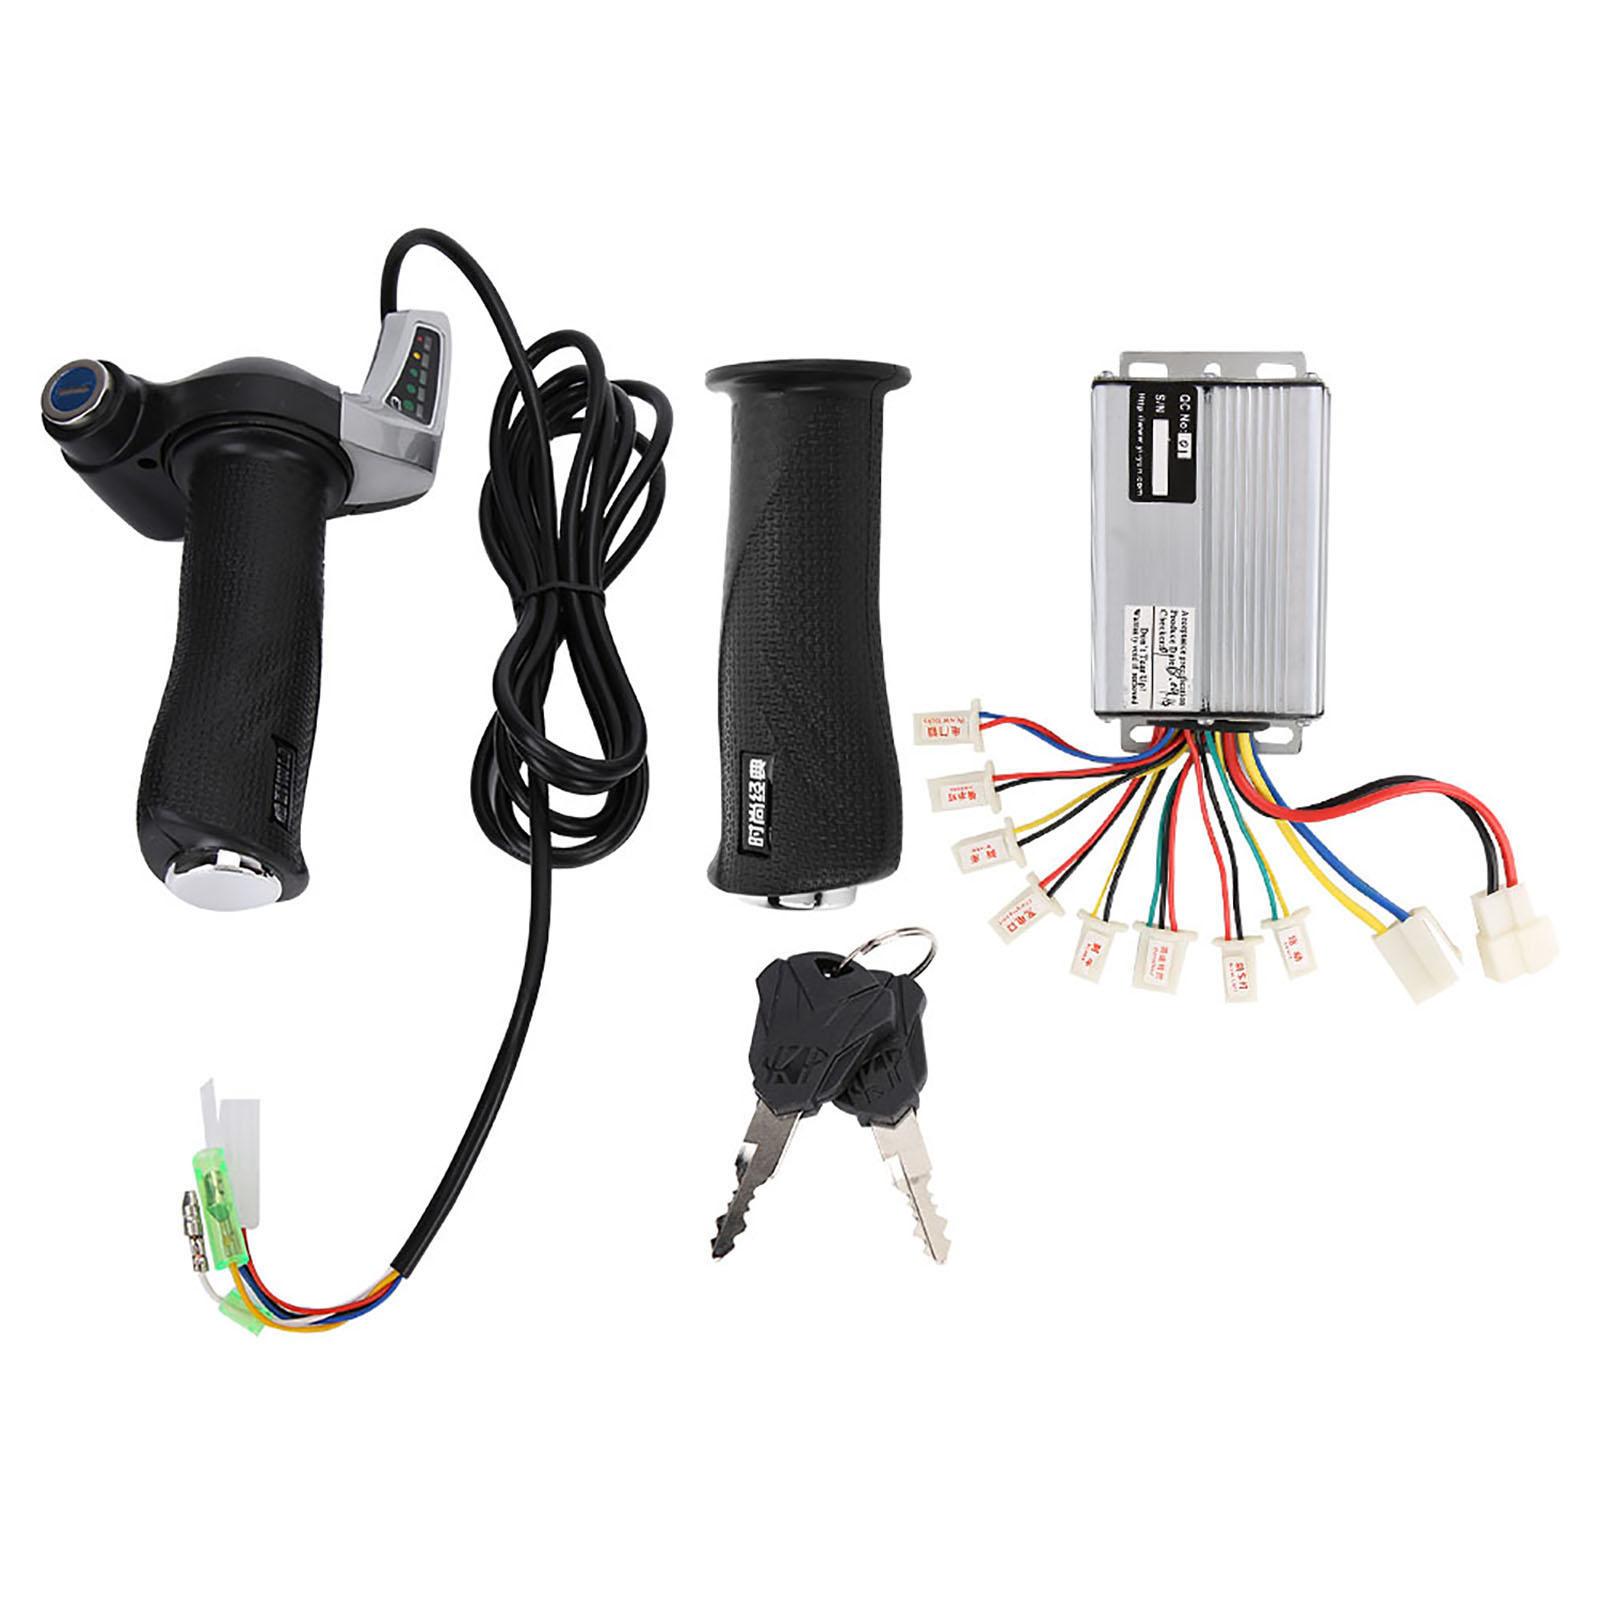 500-1000W-24-36-48V-Motor-Brush-Speed-Controller-Box-For-E-bike-Scooter-W-Lock thumbnail 23